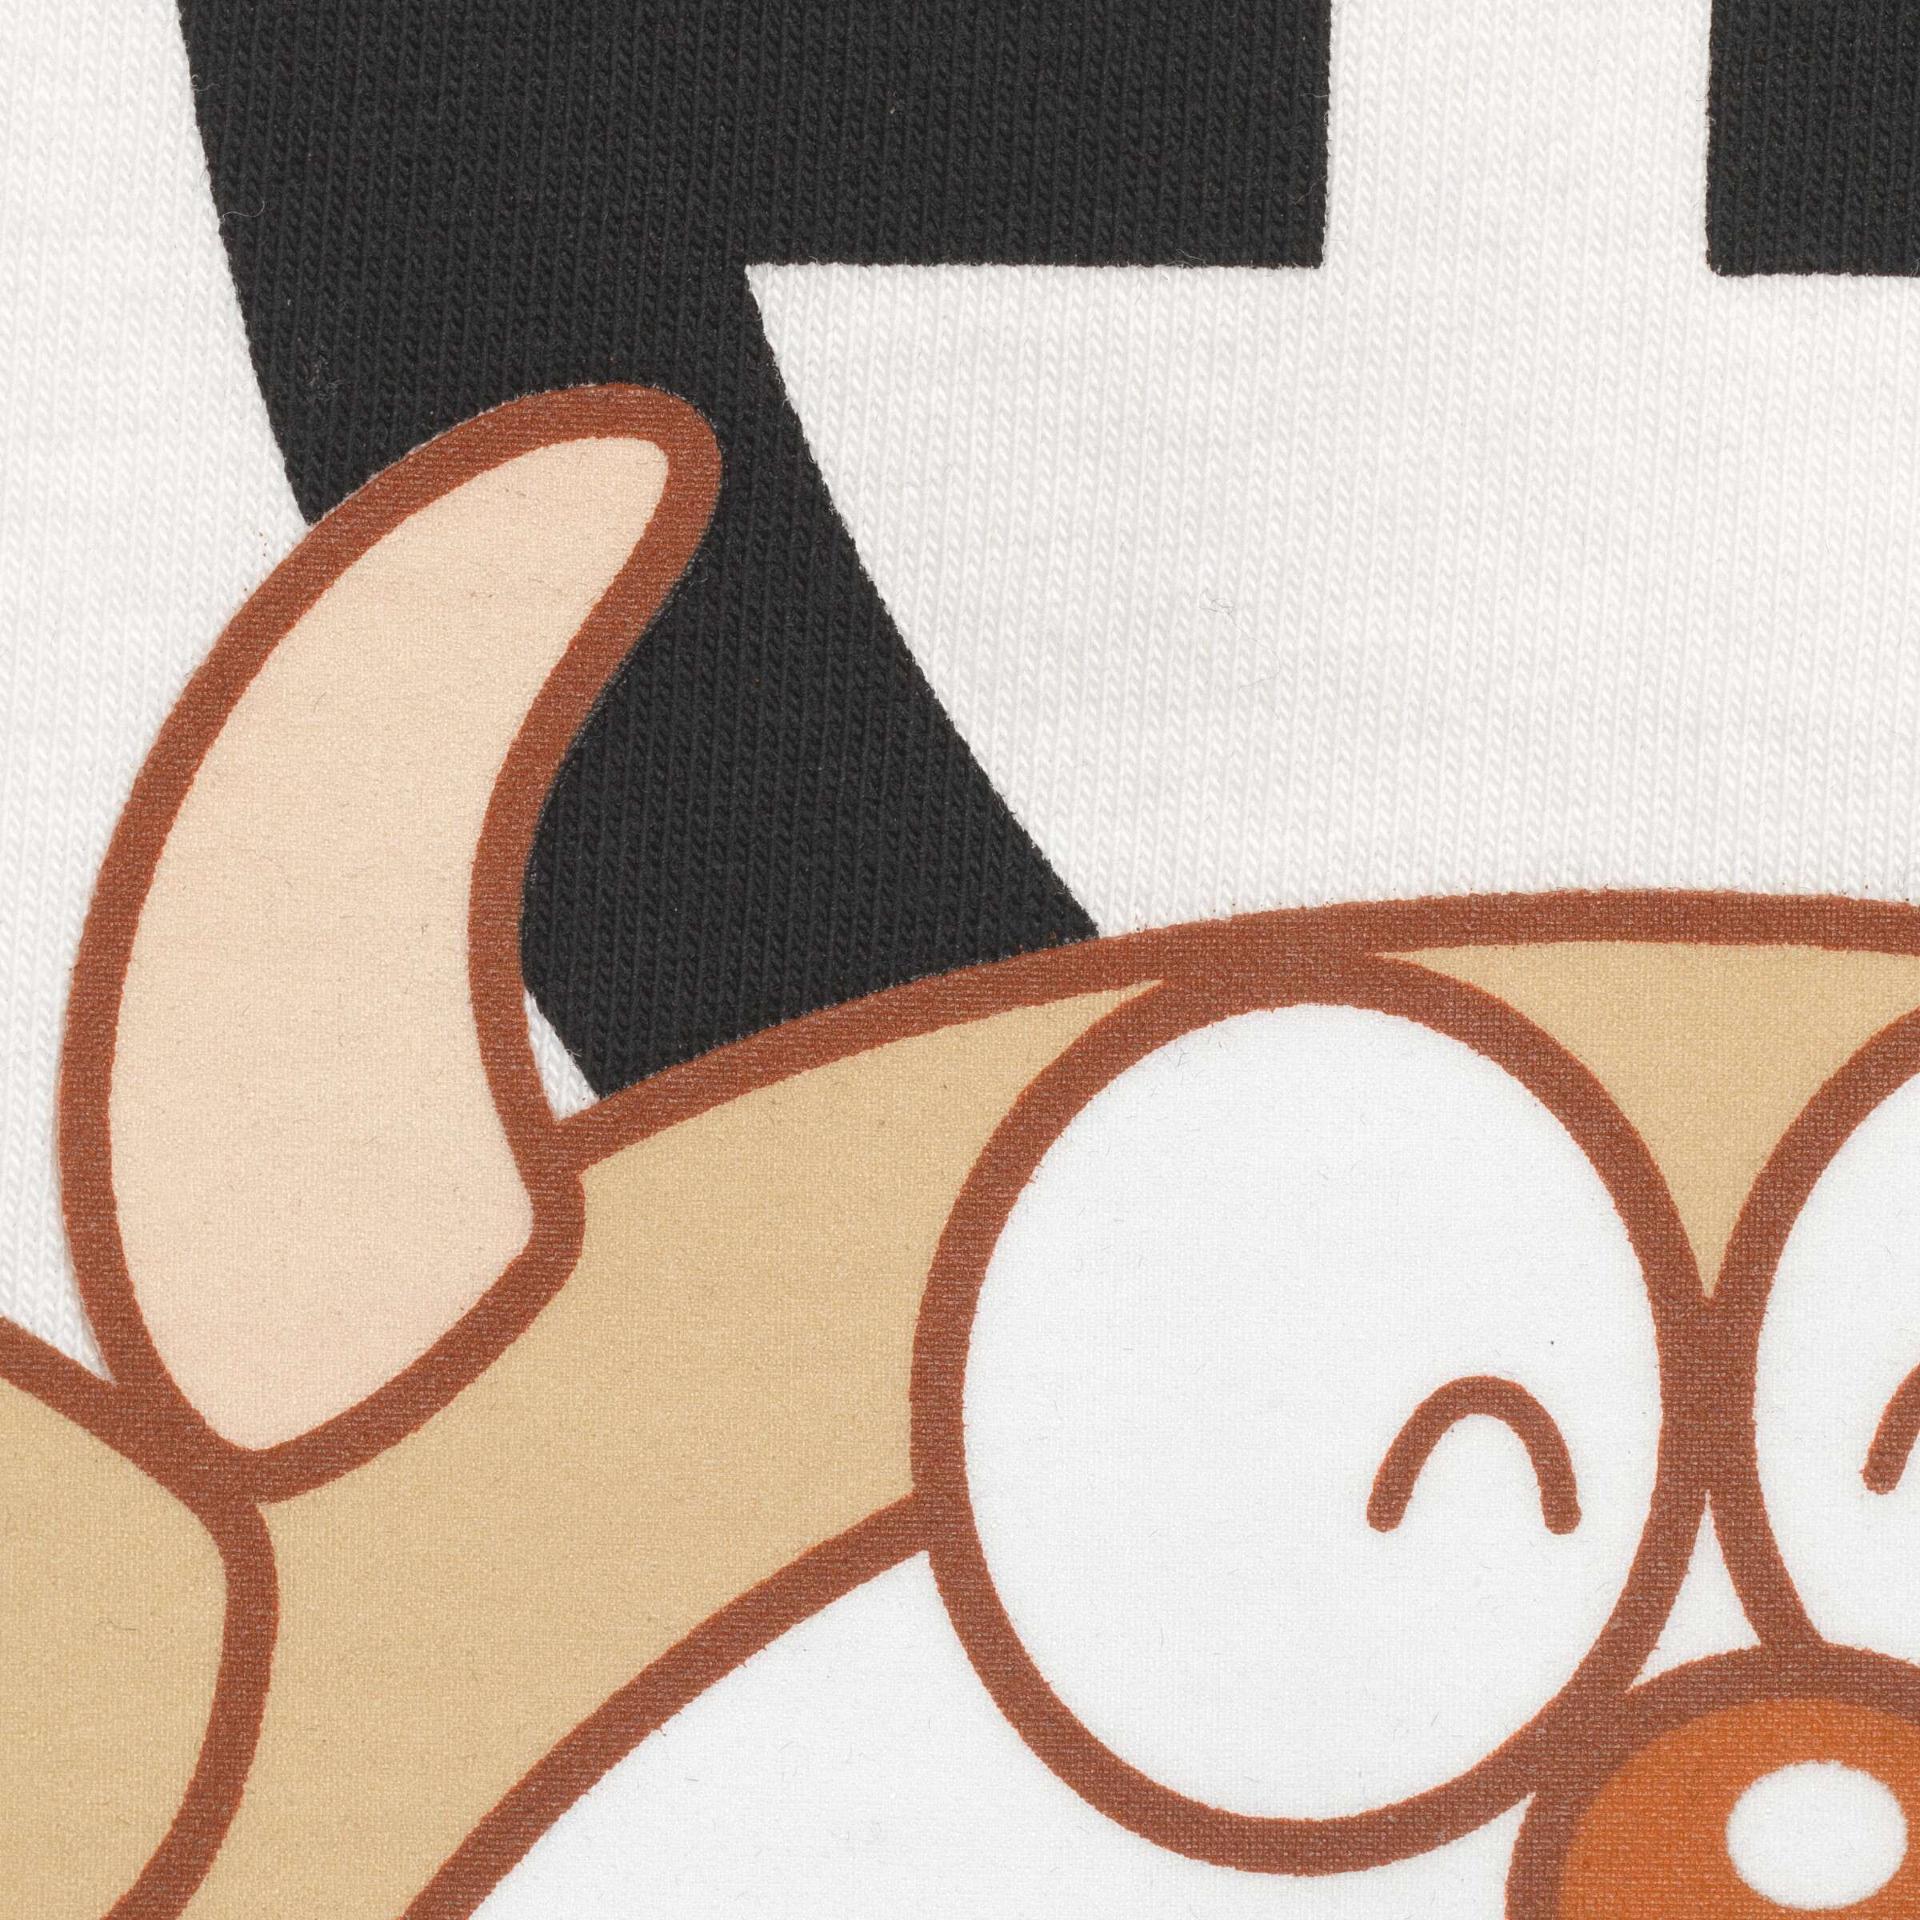 유럽직배송 구찌 GUCCI Gucci - Doraemon x Gucci oversize T-shirt 616036XJDEY9791